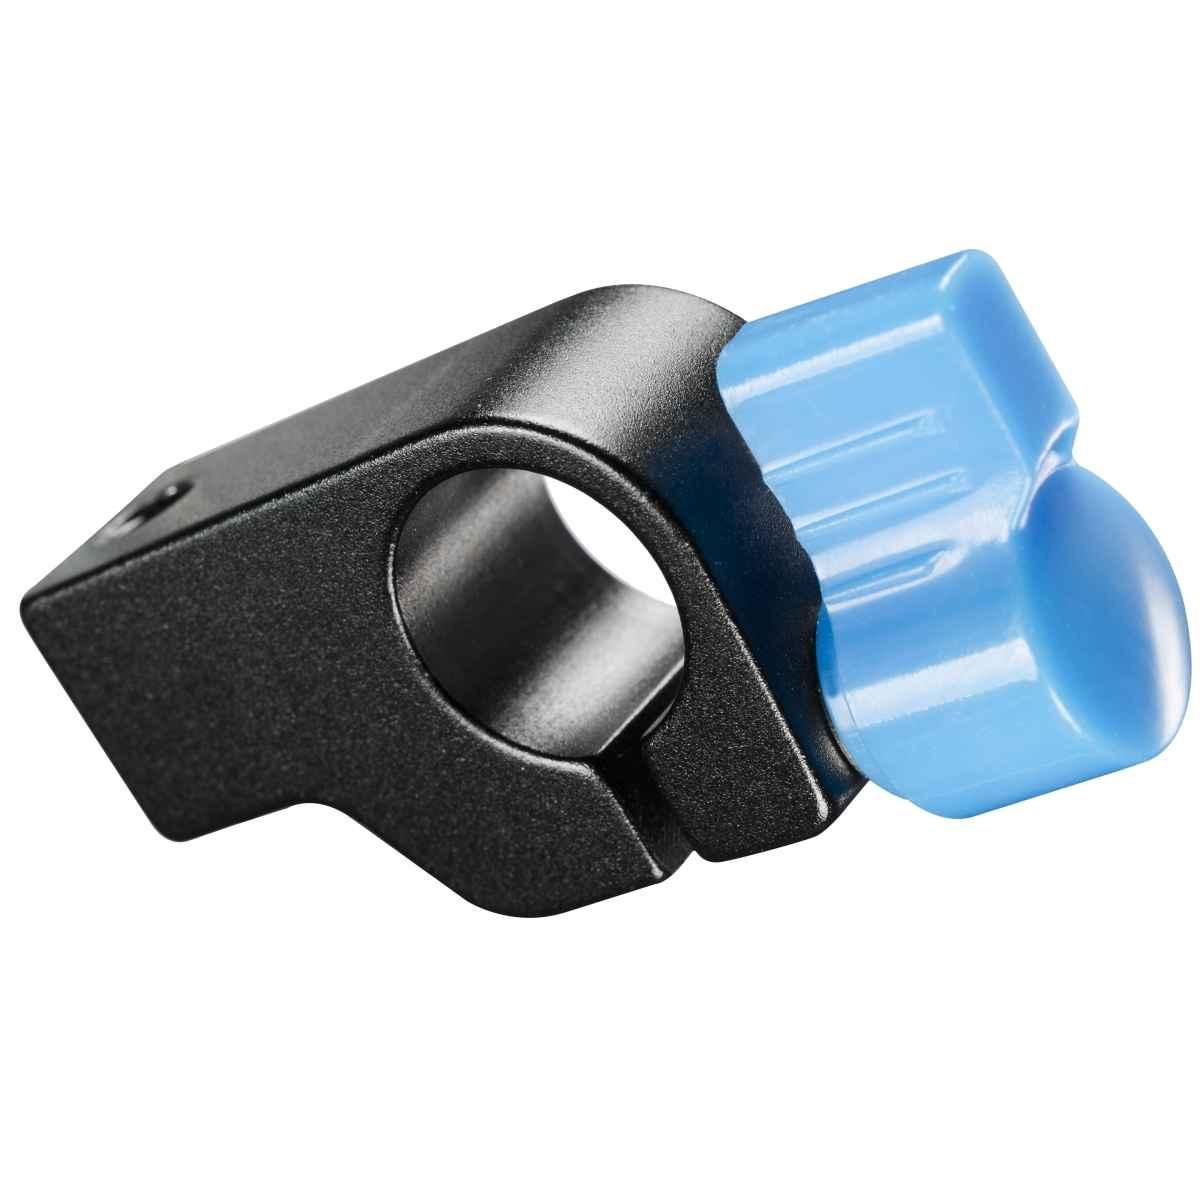 Walimex pro 15mm Angular Clamp w. 1/4 inch thread